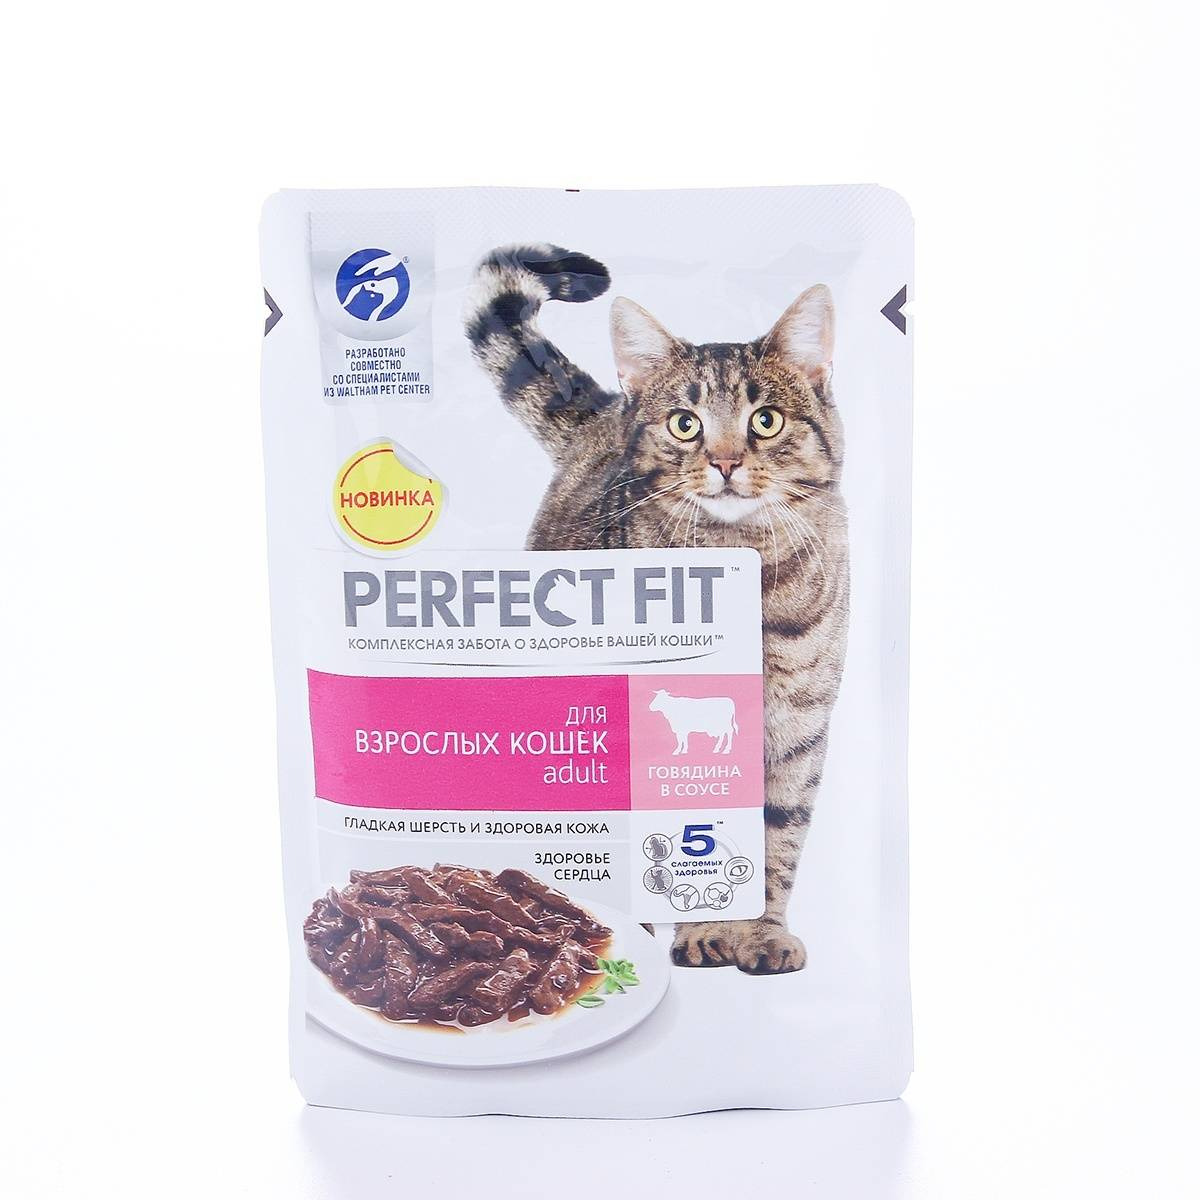 Классы кормов для кошек: принятая классификация, список производителей категории экономкласса, лучшие кошачьи корма среднего сегмента